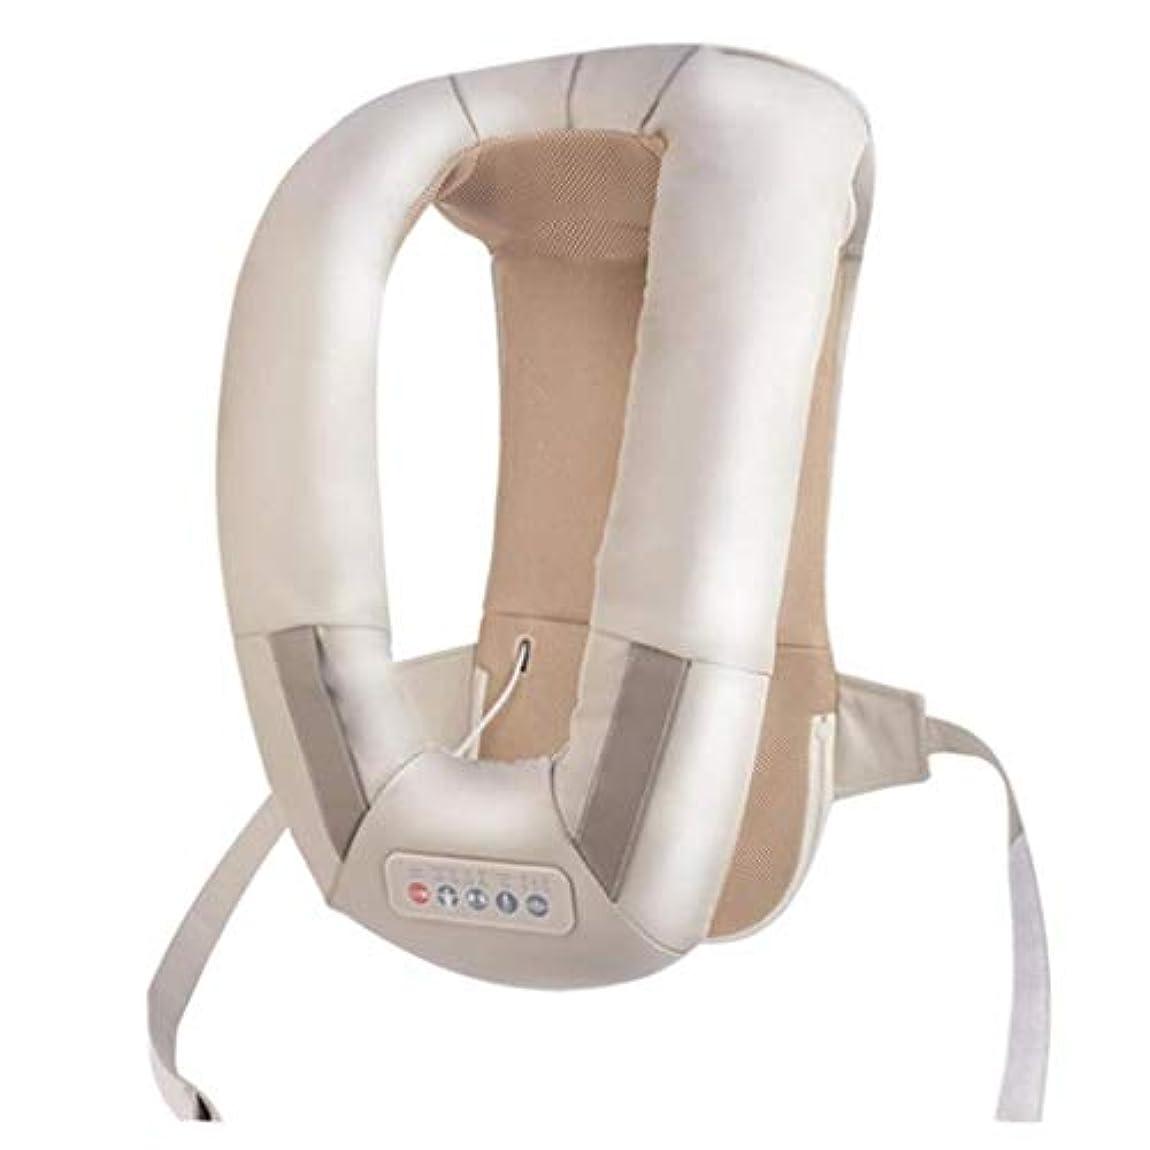 首の背中のマッサージ、肩/首の加熱/温かいマッサージ機器、血液循環を促進し、筋肉の圧力を緩和し、痛みを和らげ、オフィス/ホーム